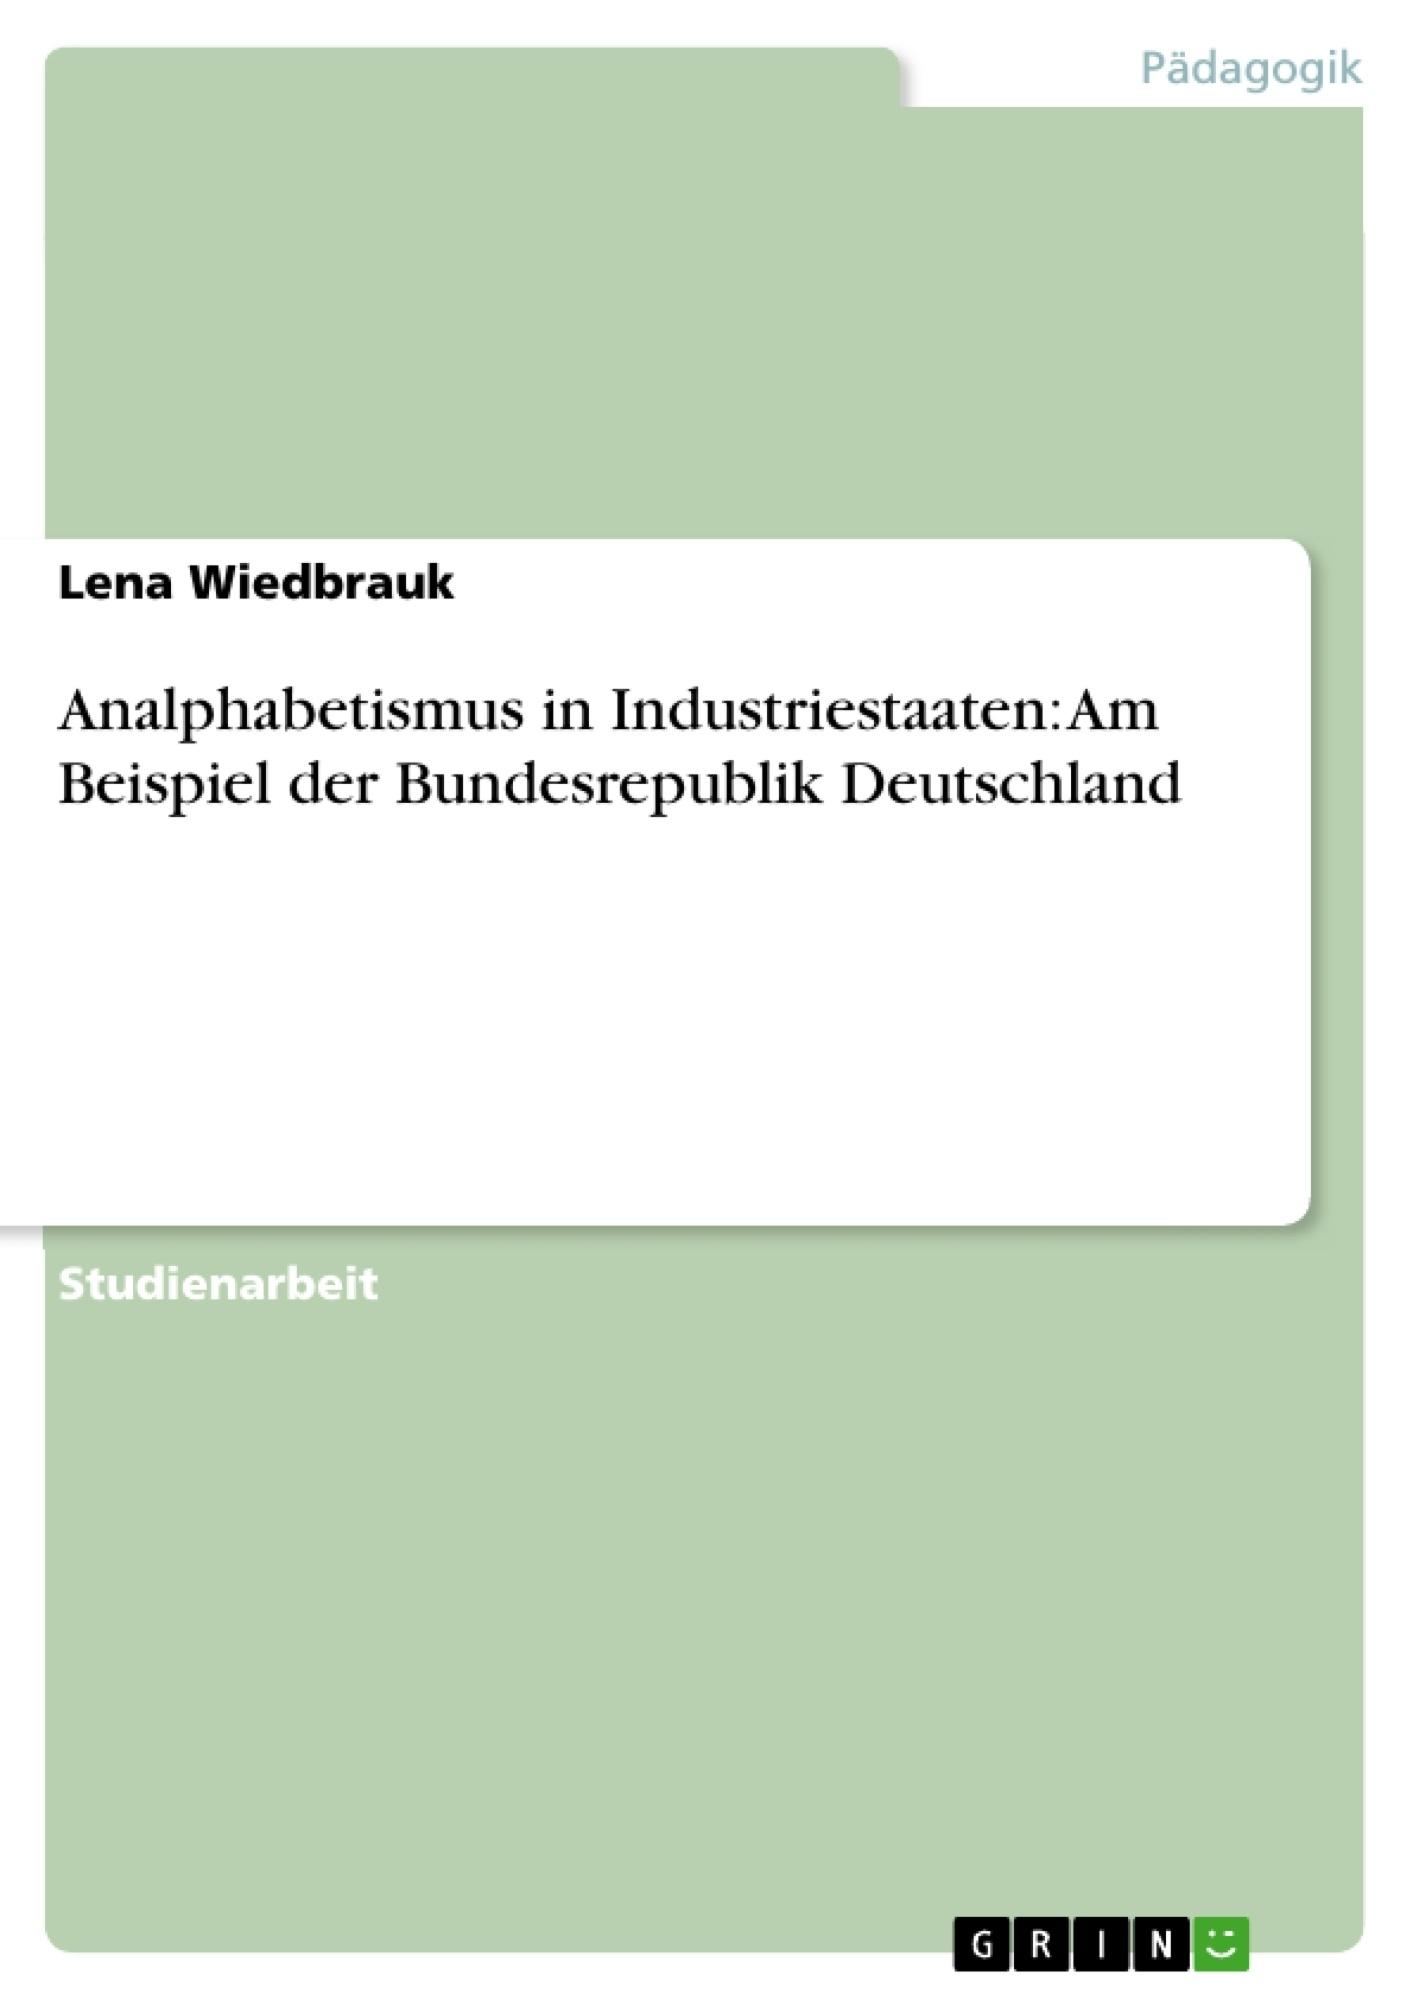 Titel: Analphabetismus in Industriestaaten: Am Beispiel der Bundesrepublik Deutschland